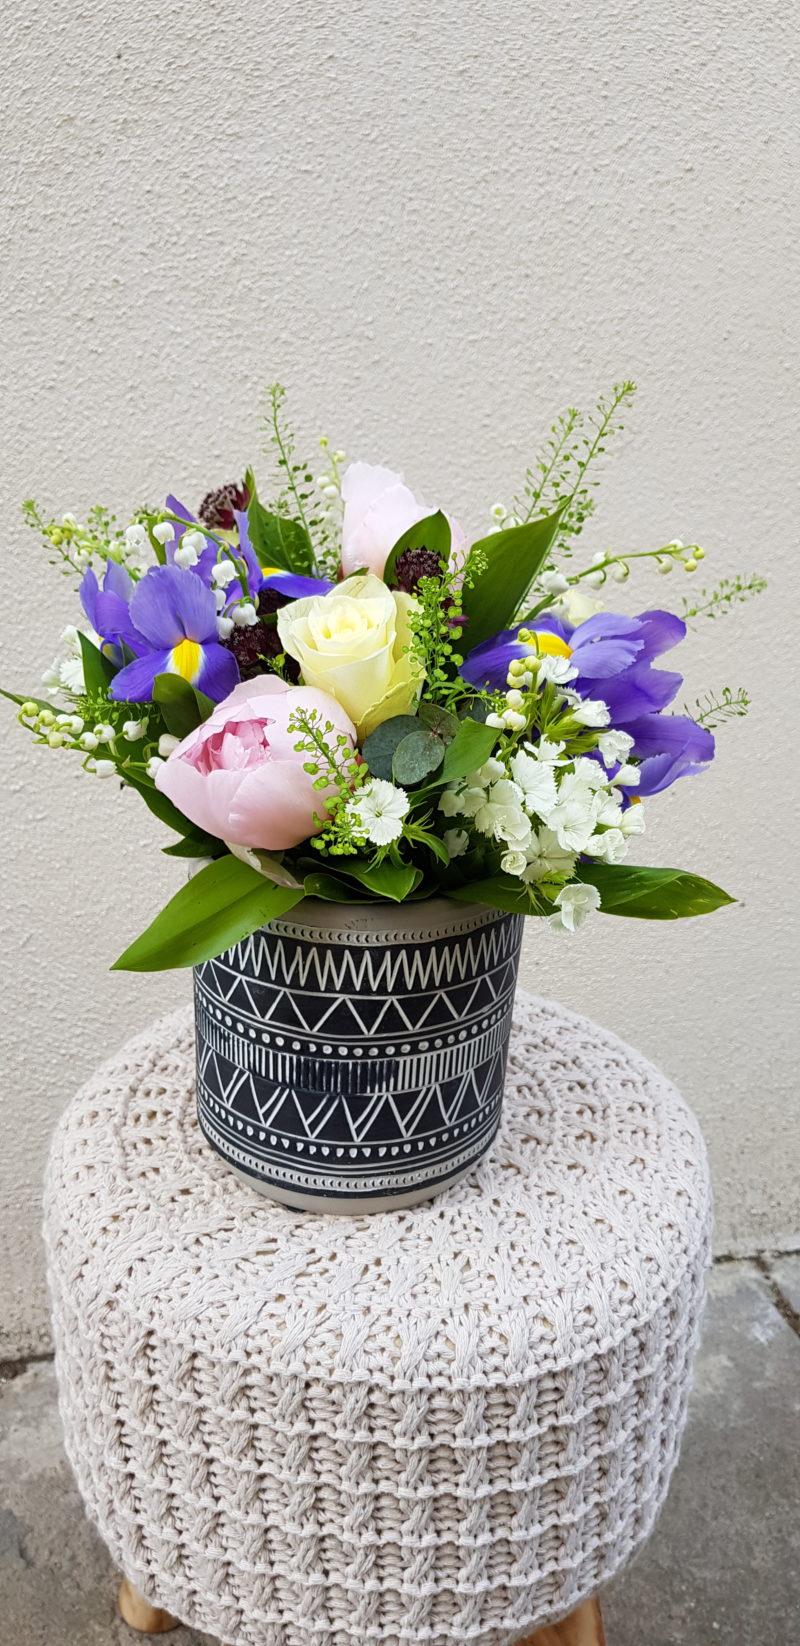 au-paradis-des-fleurs-fleuriste-neuville-sur-saone-mariage-muguet